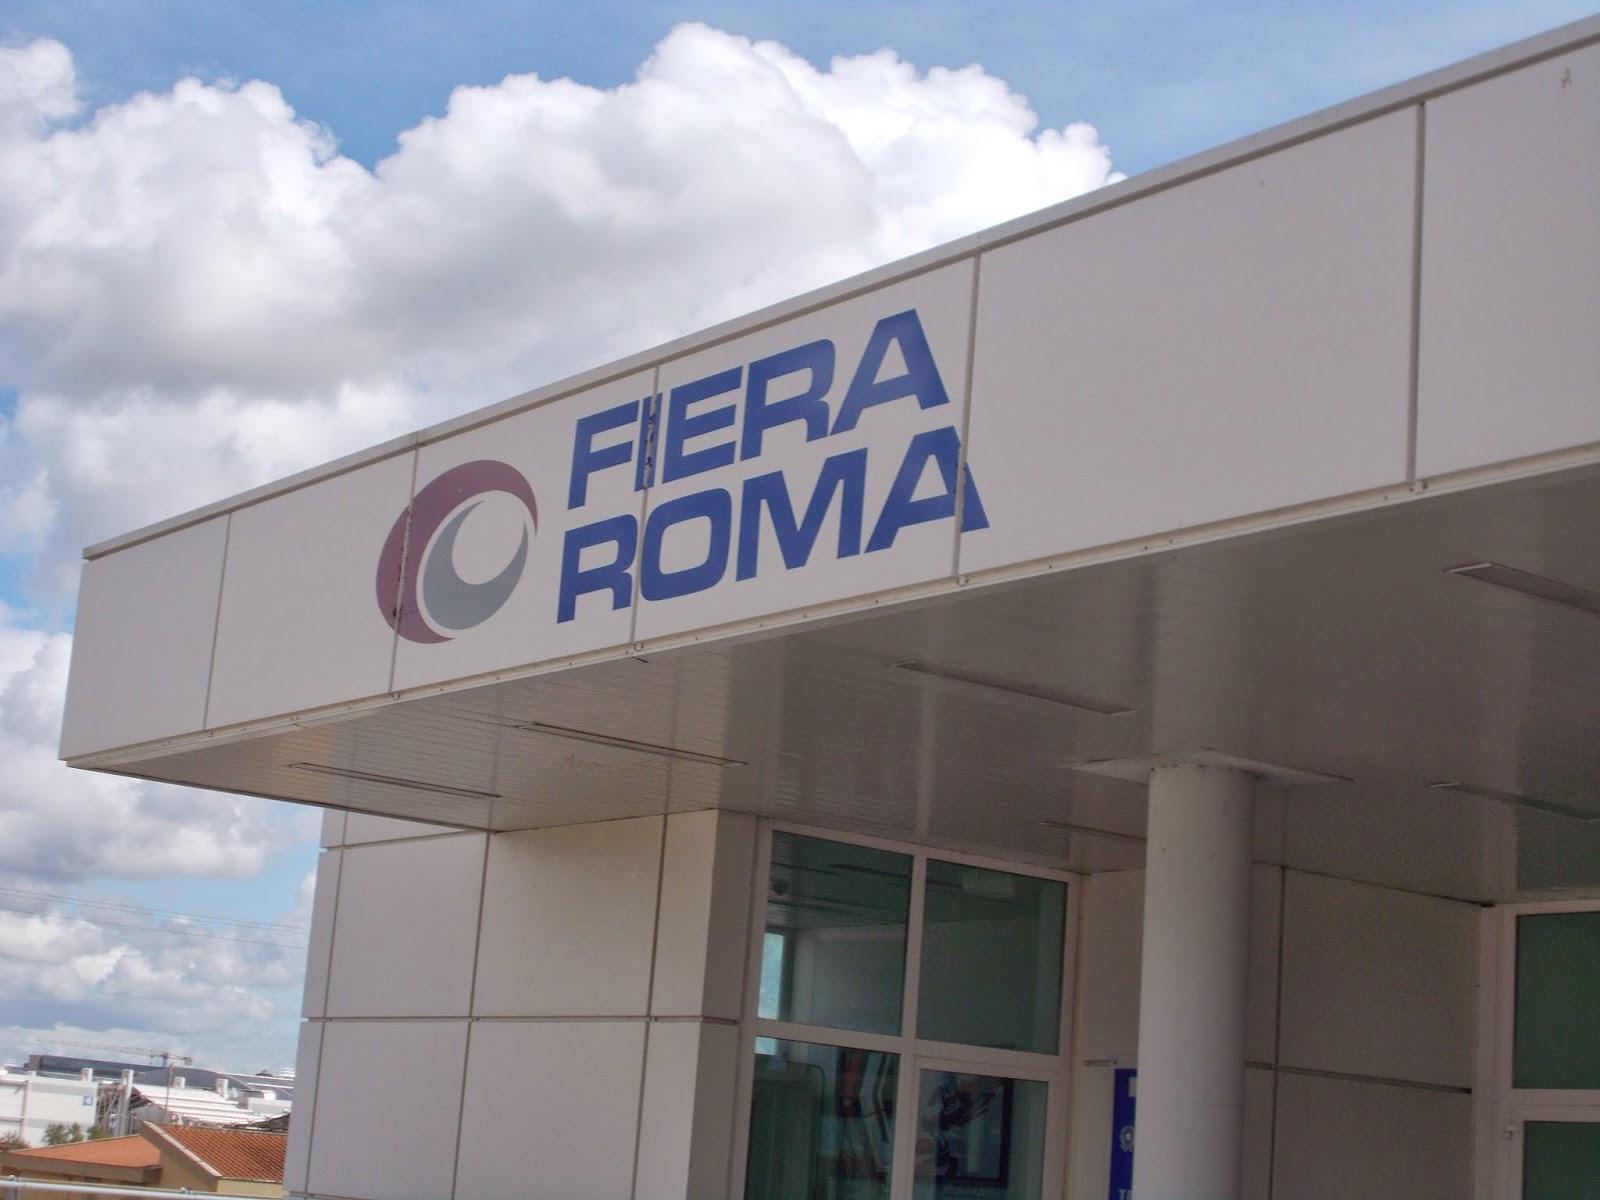 La giusta opinione fiera roma 18 pa bo gel 2014 for Fiera arredamento roma